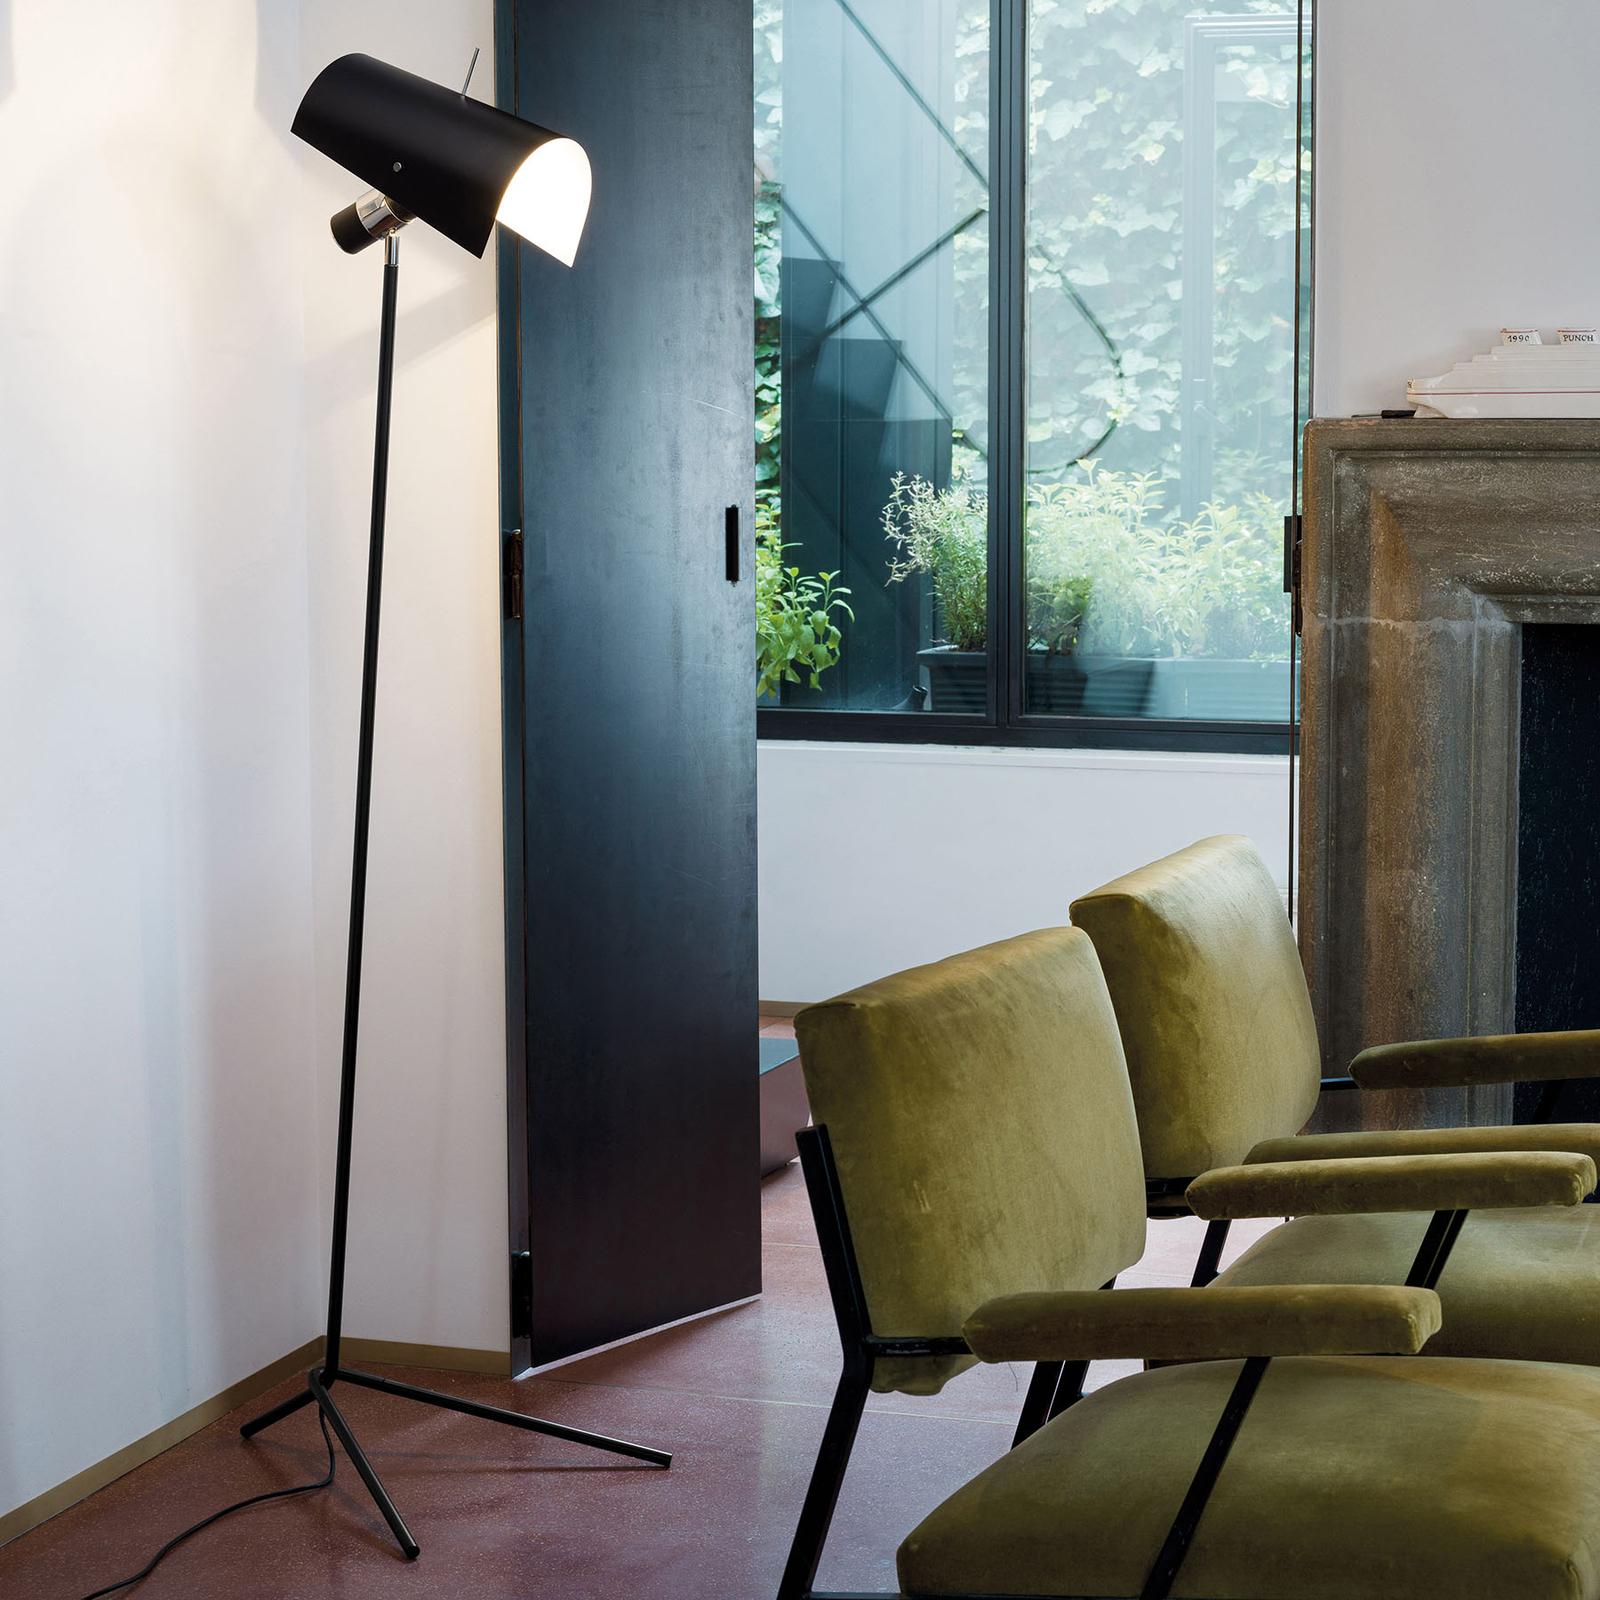 Nemo Claritas lampadaire de designer, mobile